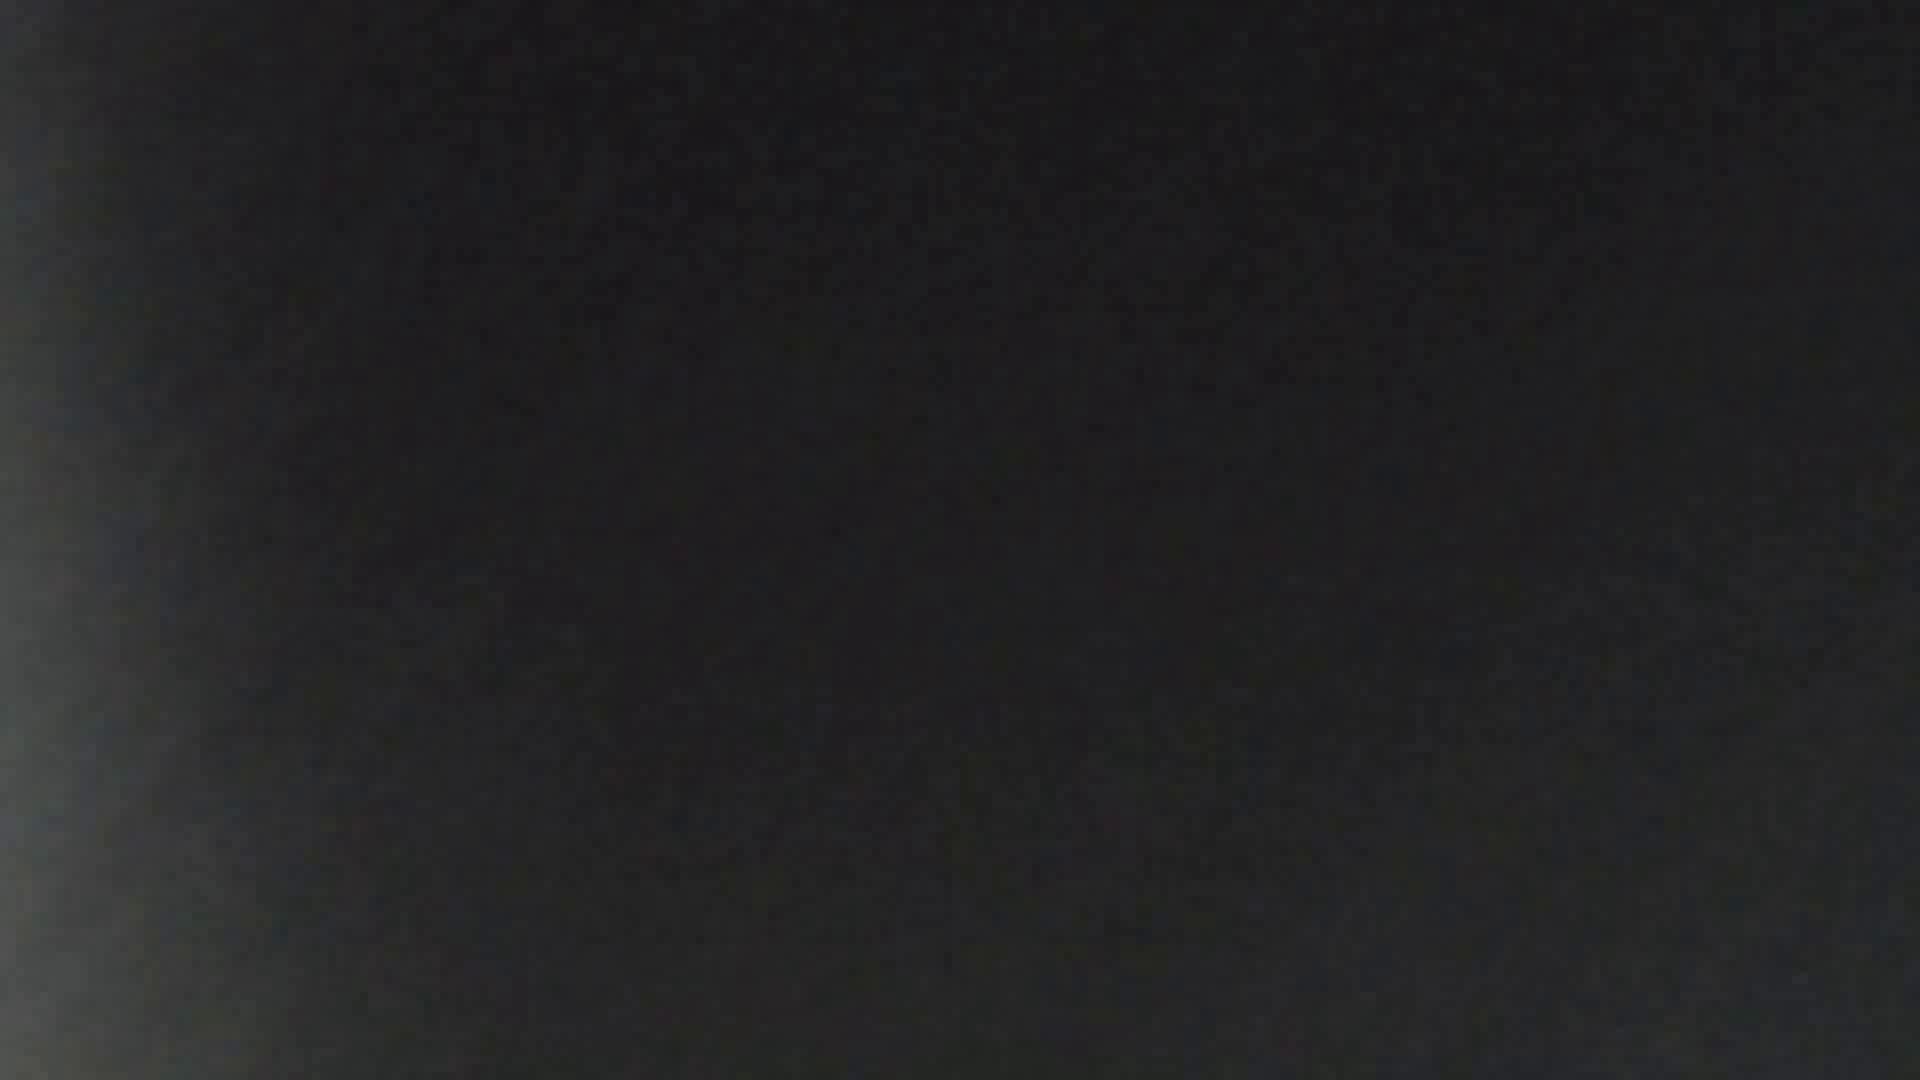 世界の射窓から ステーション編 vol.17厦大女厕偷拍 qianp OLのボディ  105PIX 70